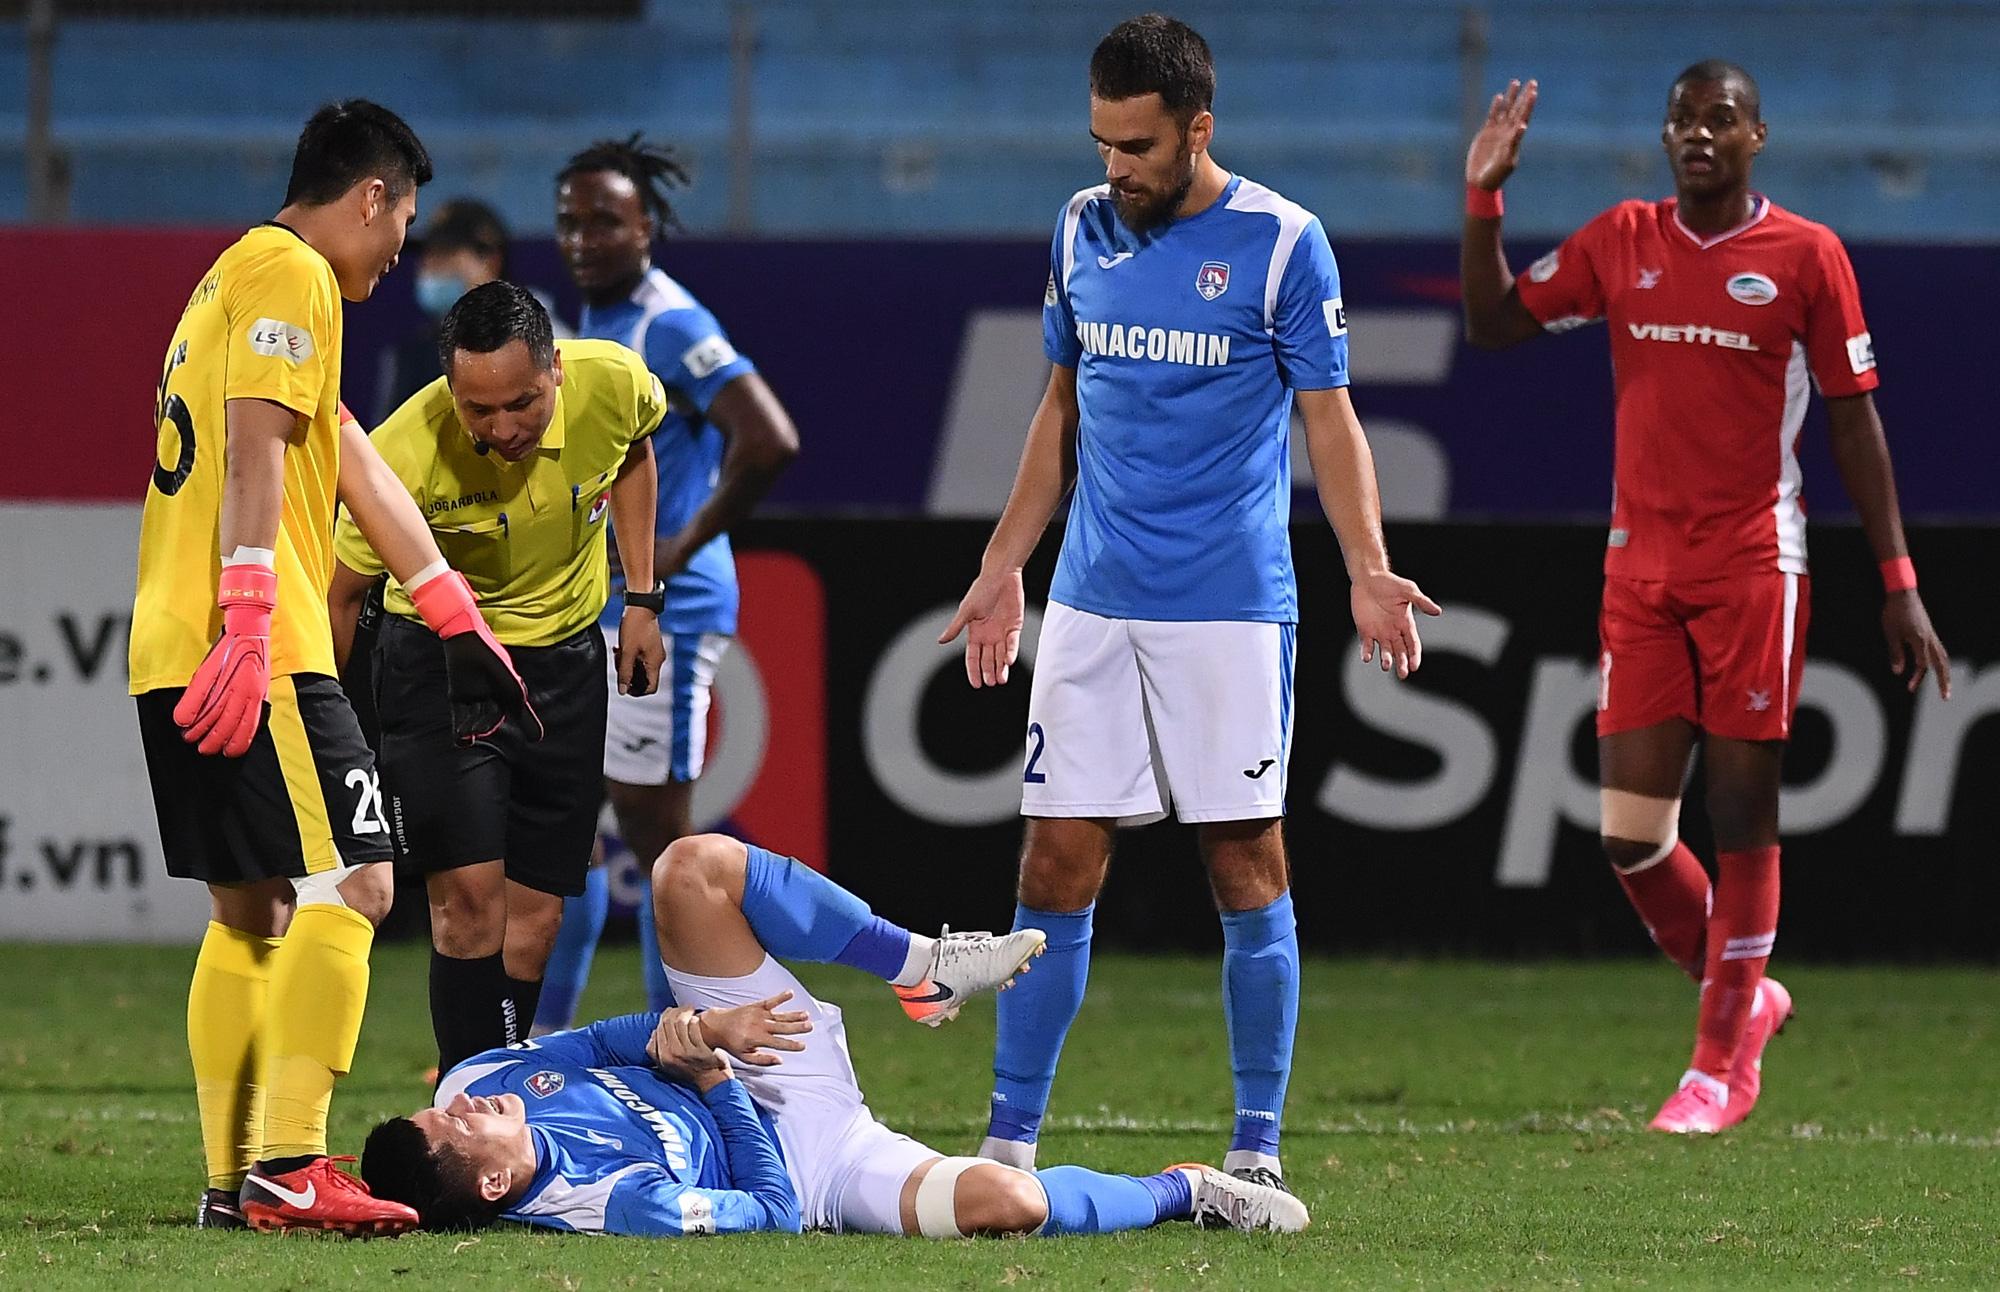 Cầu thủ điển trai được đề cử cho HLV Park Hang-seo khiến tất cả giật mình vì nằm ôm bụng dưới và cái kết thở phào - Ảnh 5.